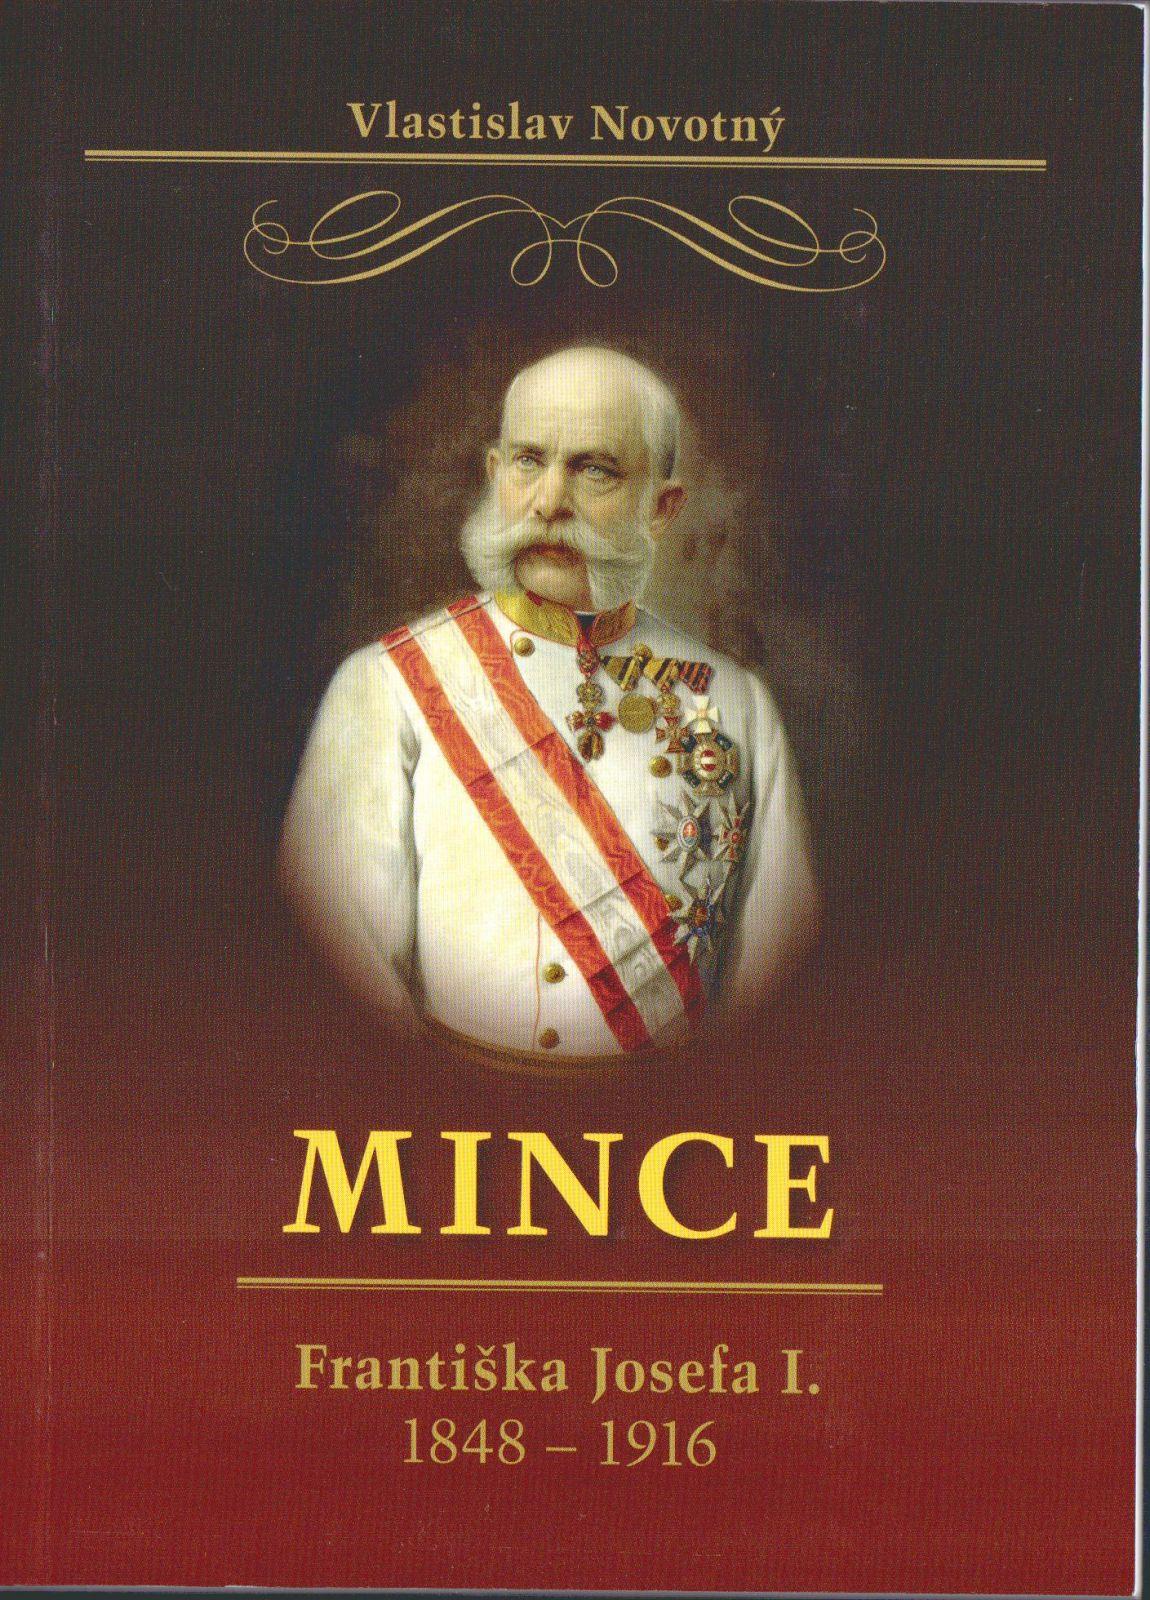 Katalog a ceník mincí Františka Josefa I./1848-1916/, V. Novotný